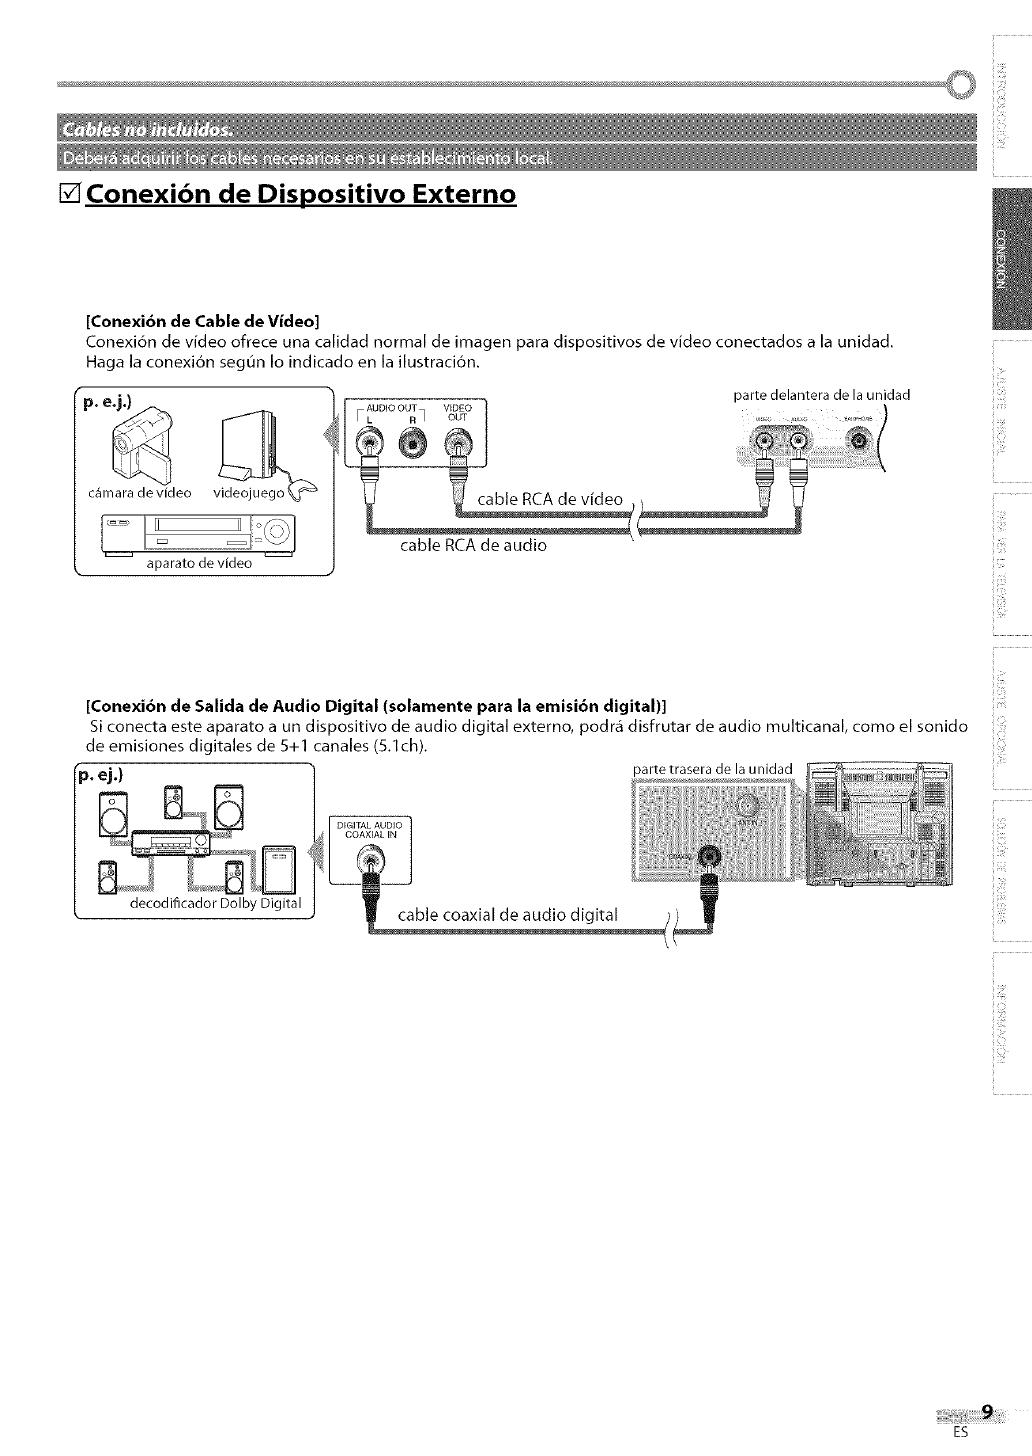 Sylvania Cr130sl8 User Manual Tv Manuals And Guides L0804205 Rca To Coaxial Schematic Conexi6n De Dispositivo Externo